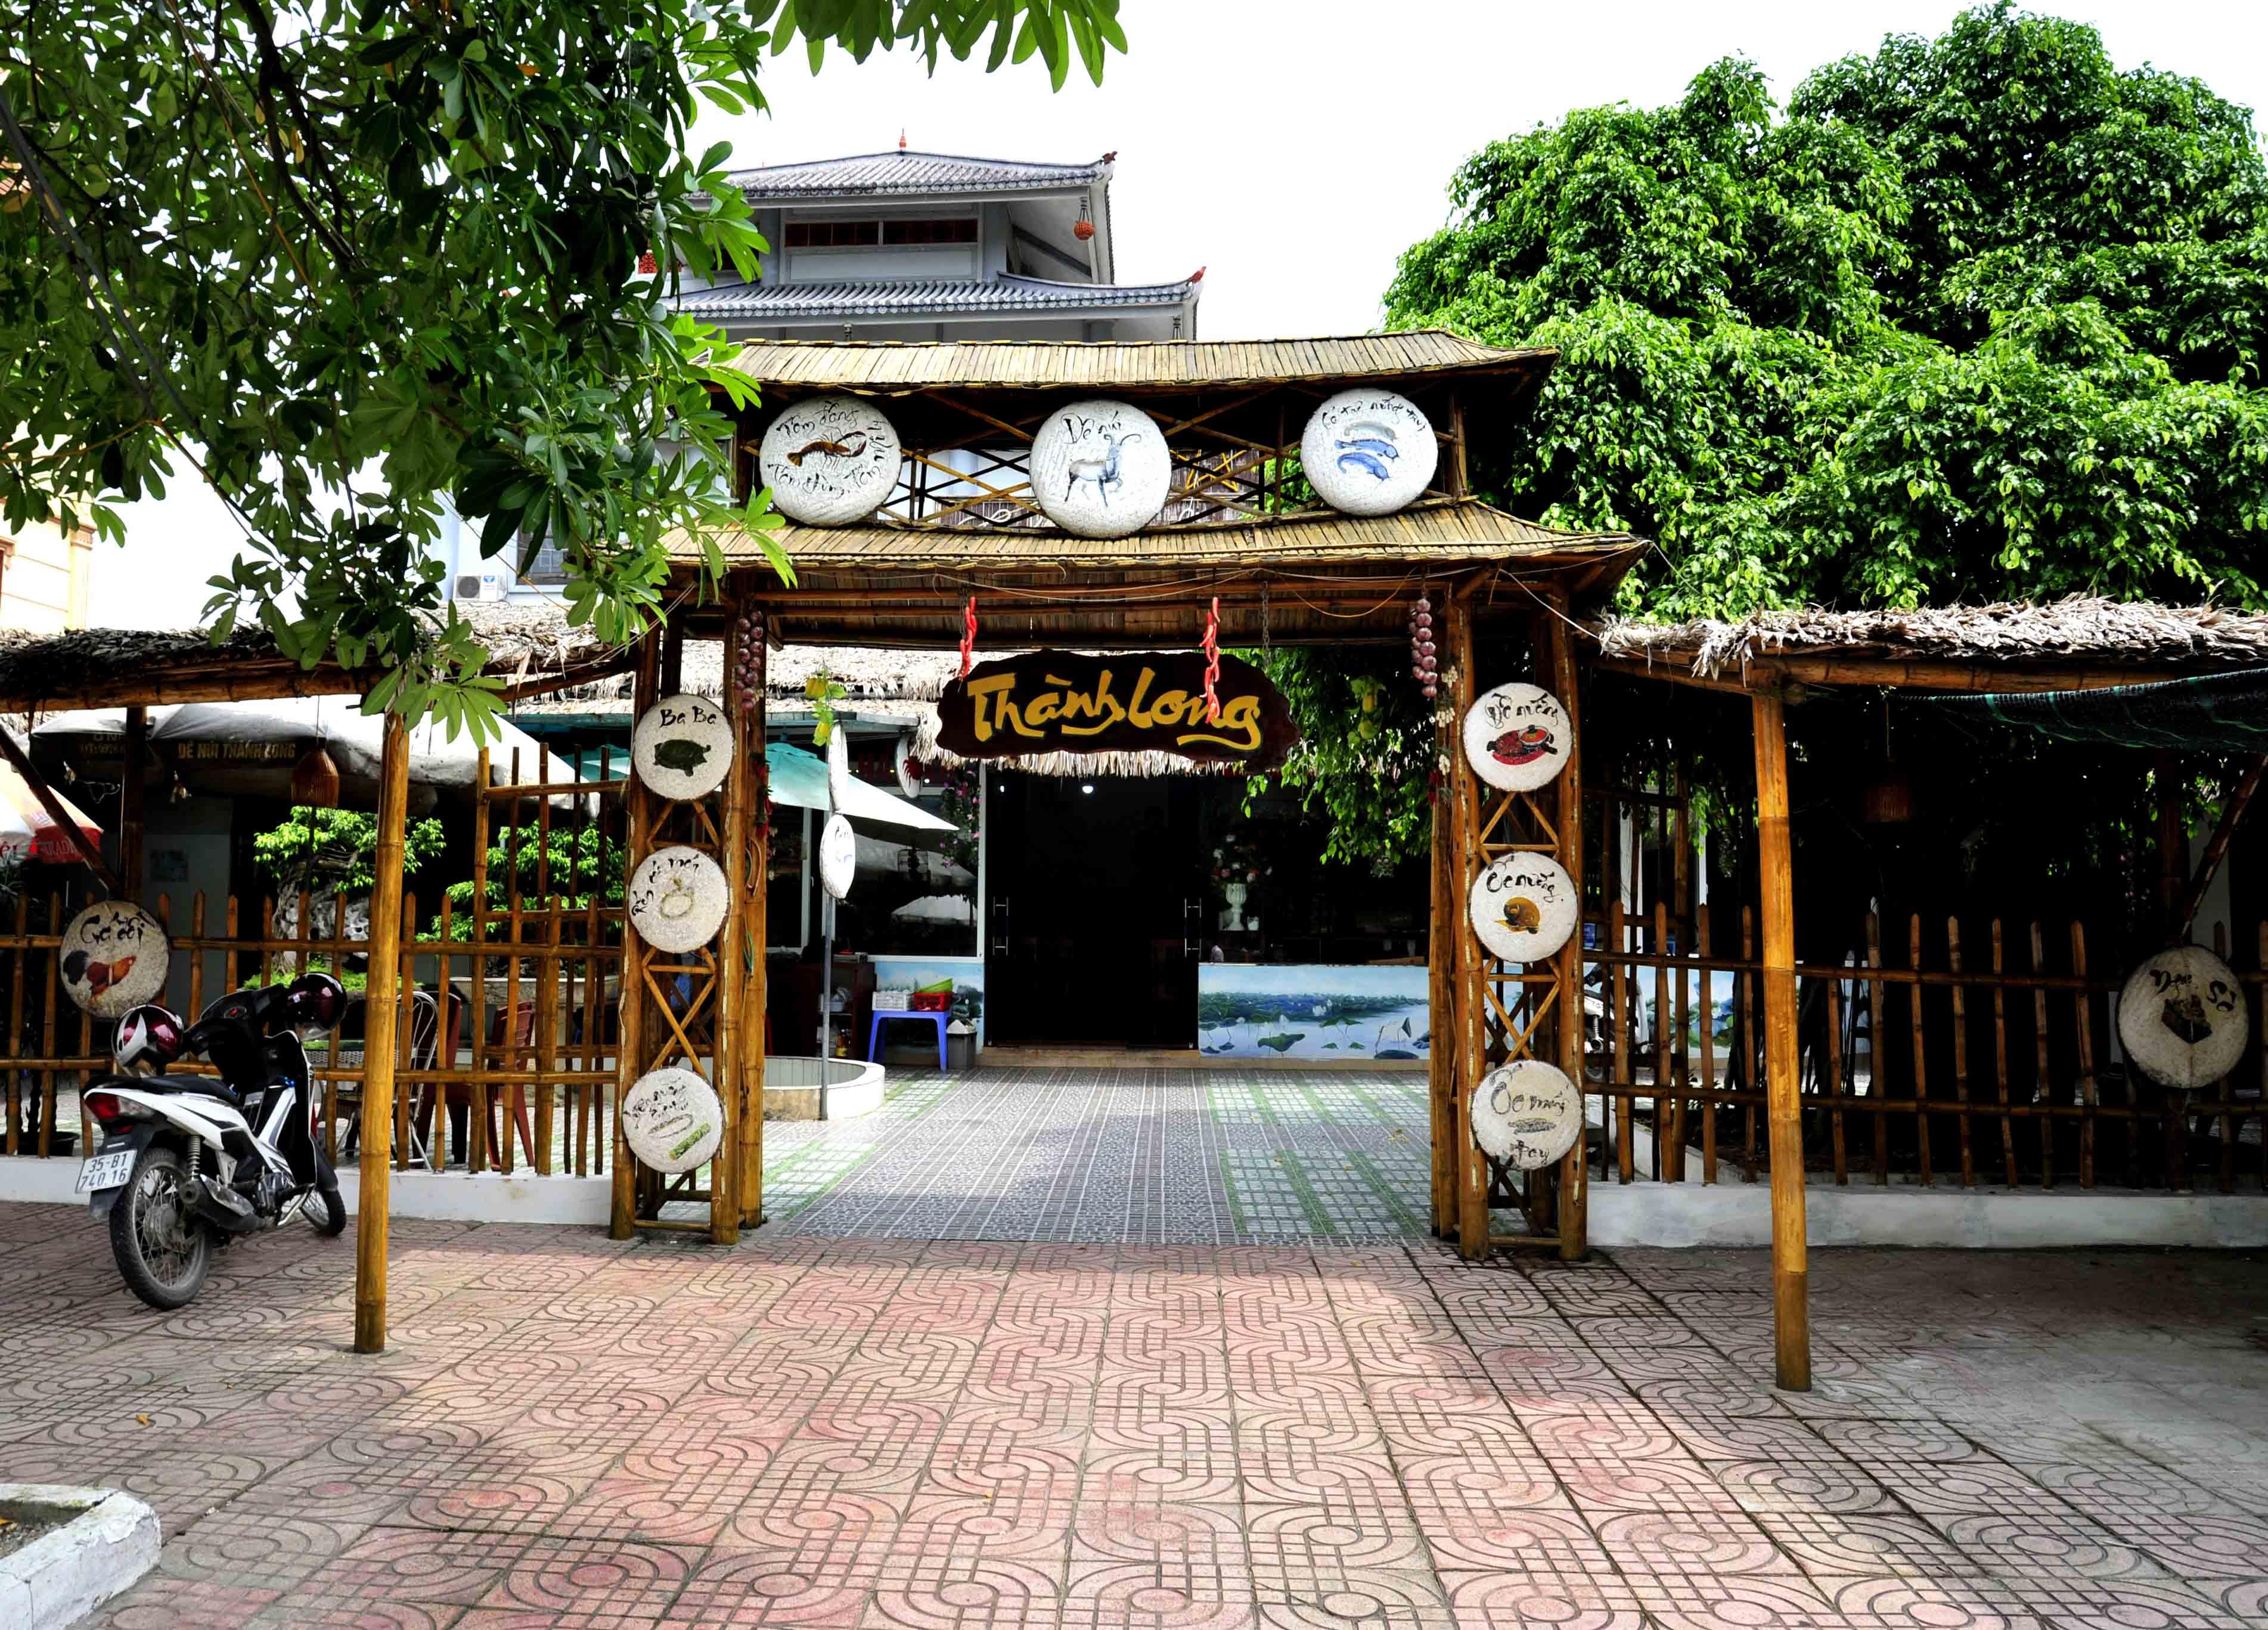 Nhà hàng Thành Long